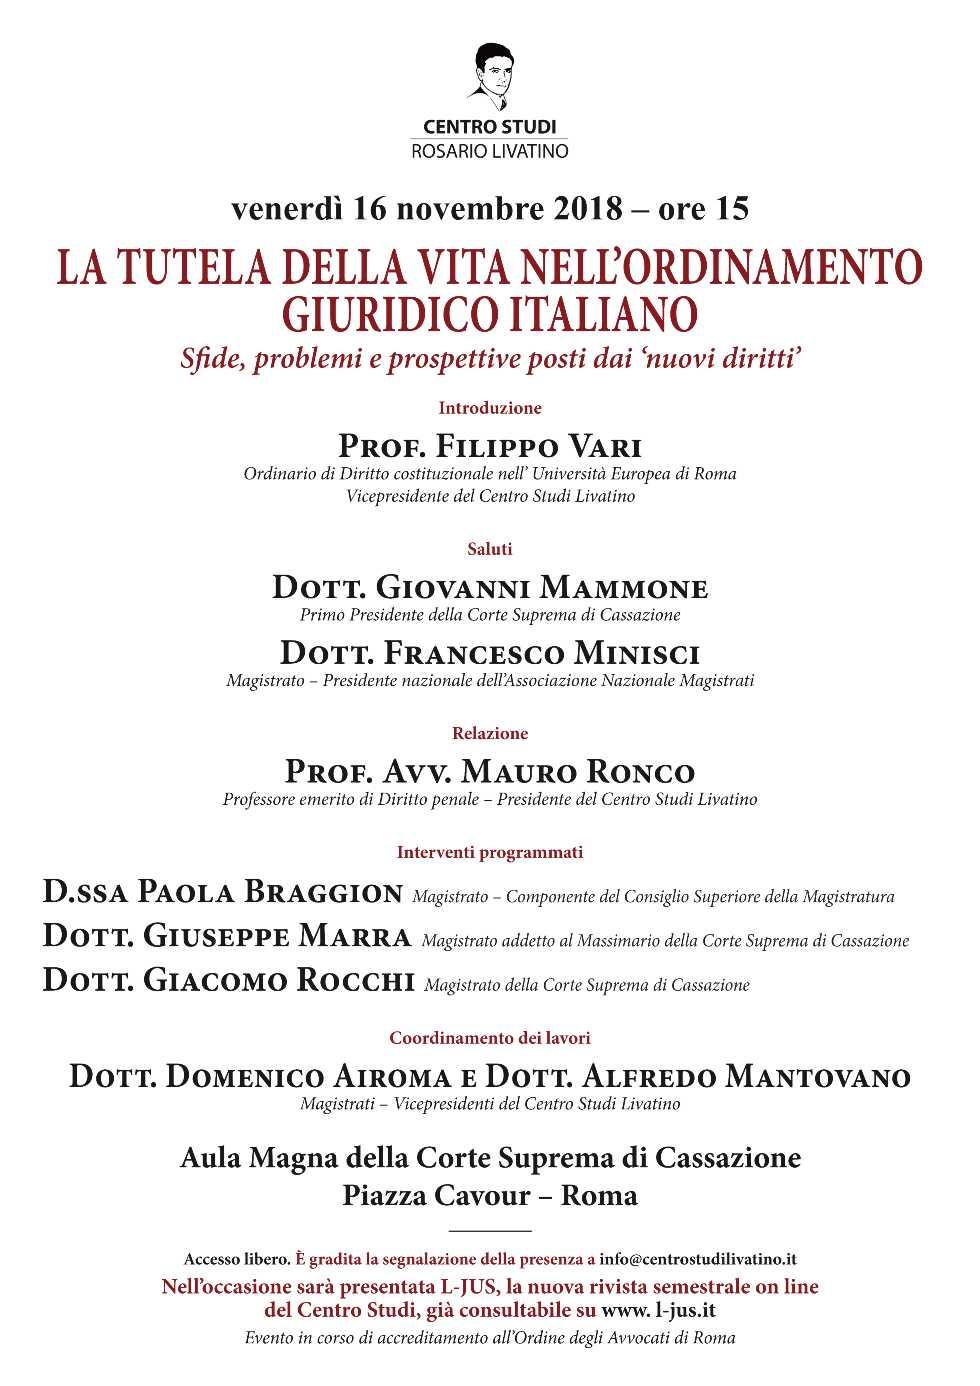 Locandina 16 novembre Roma